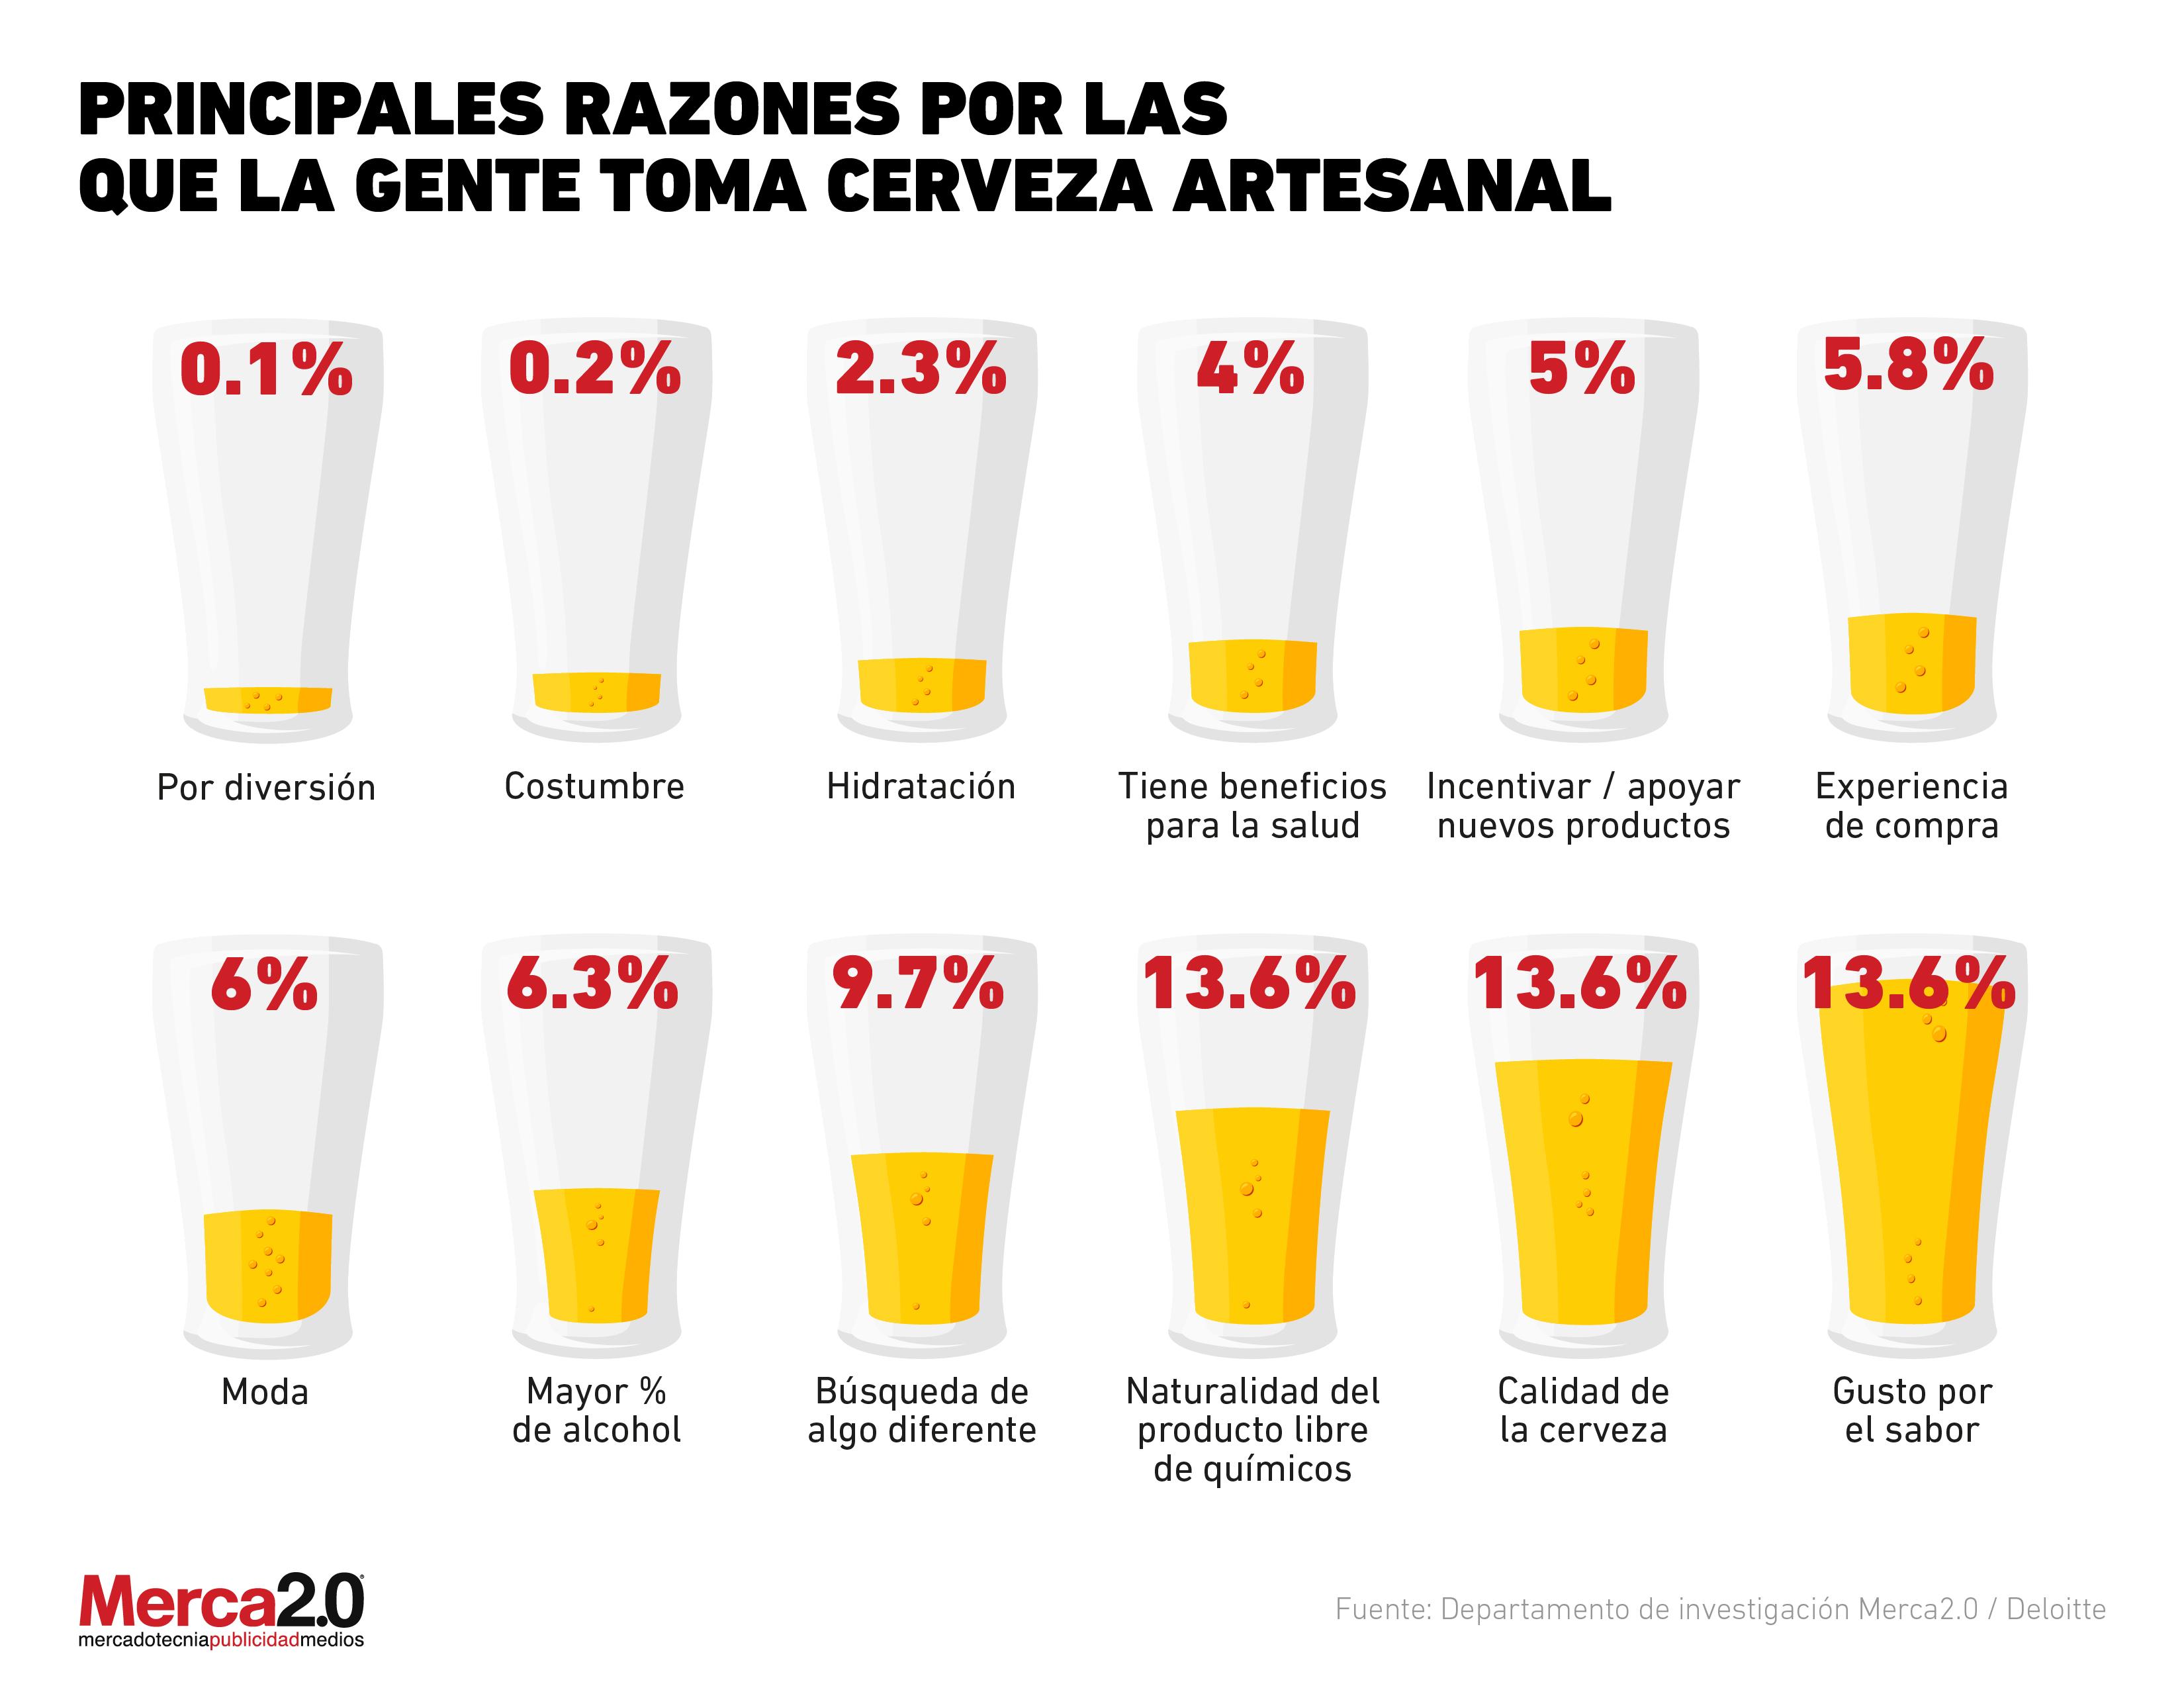 ¿Por qué las personas consumen las cervezas artesanales?